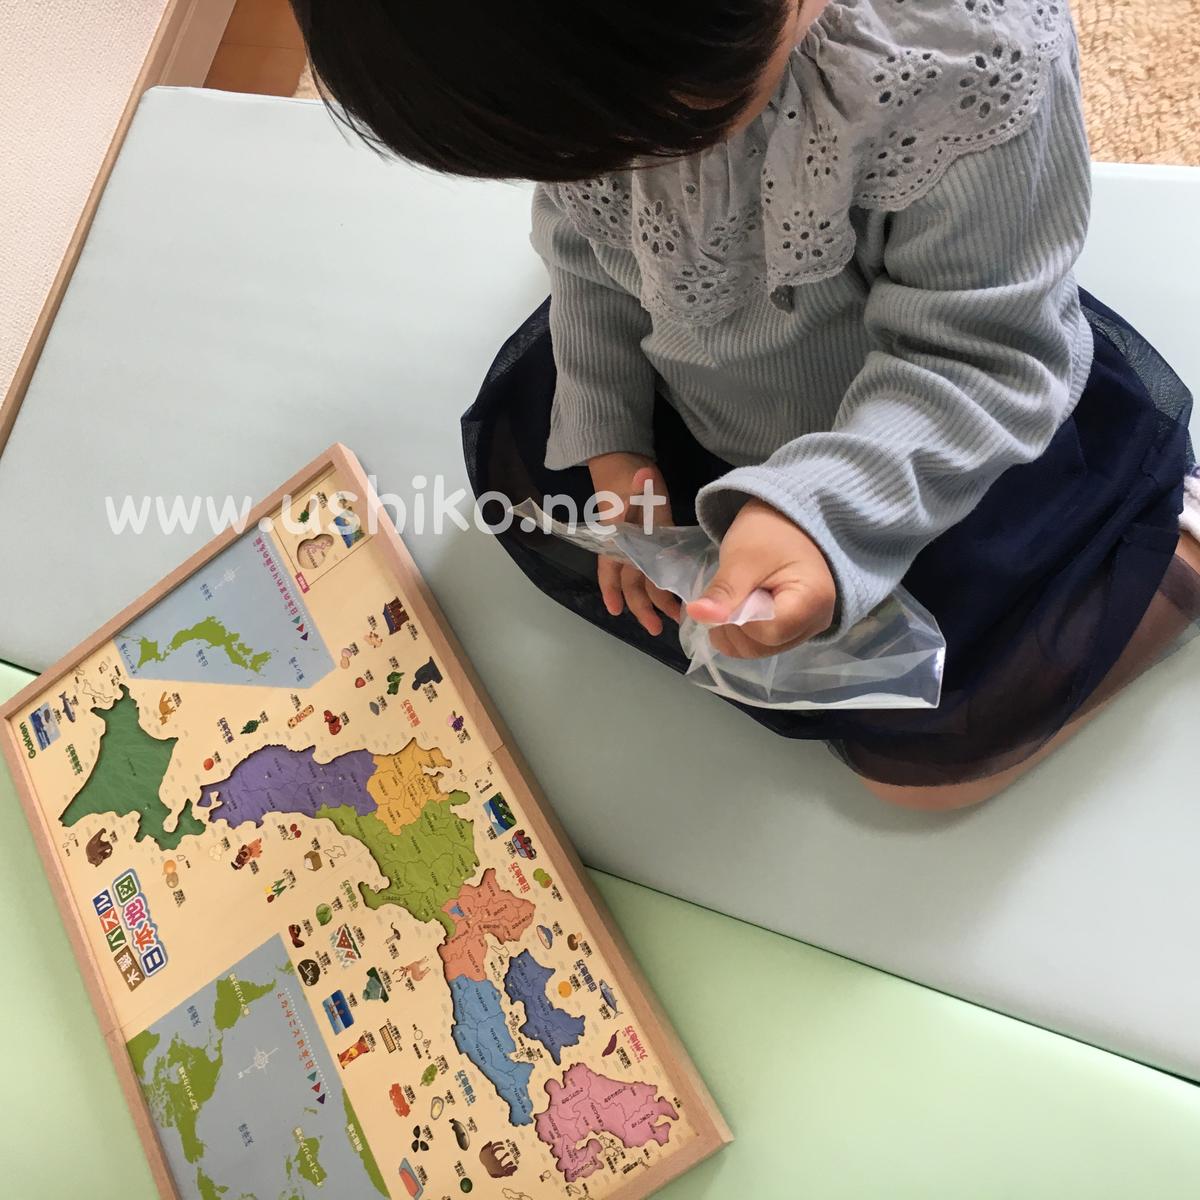 2歳児の知育に学研木製日本地図パズルを導入【誕生日クリスマスプレゼントに】